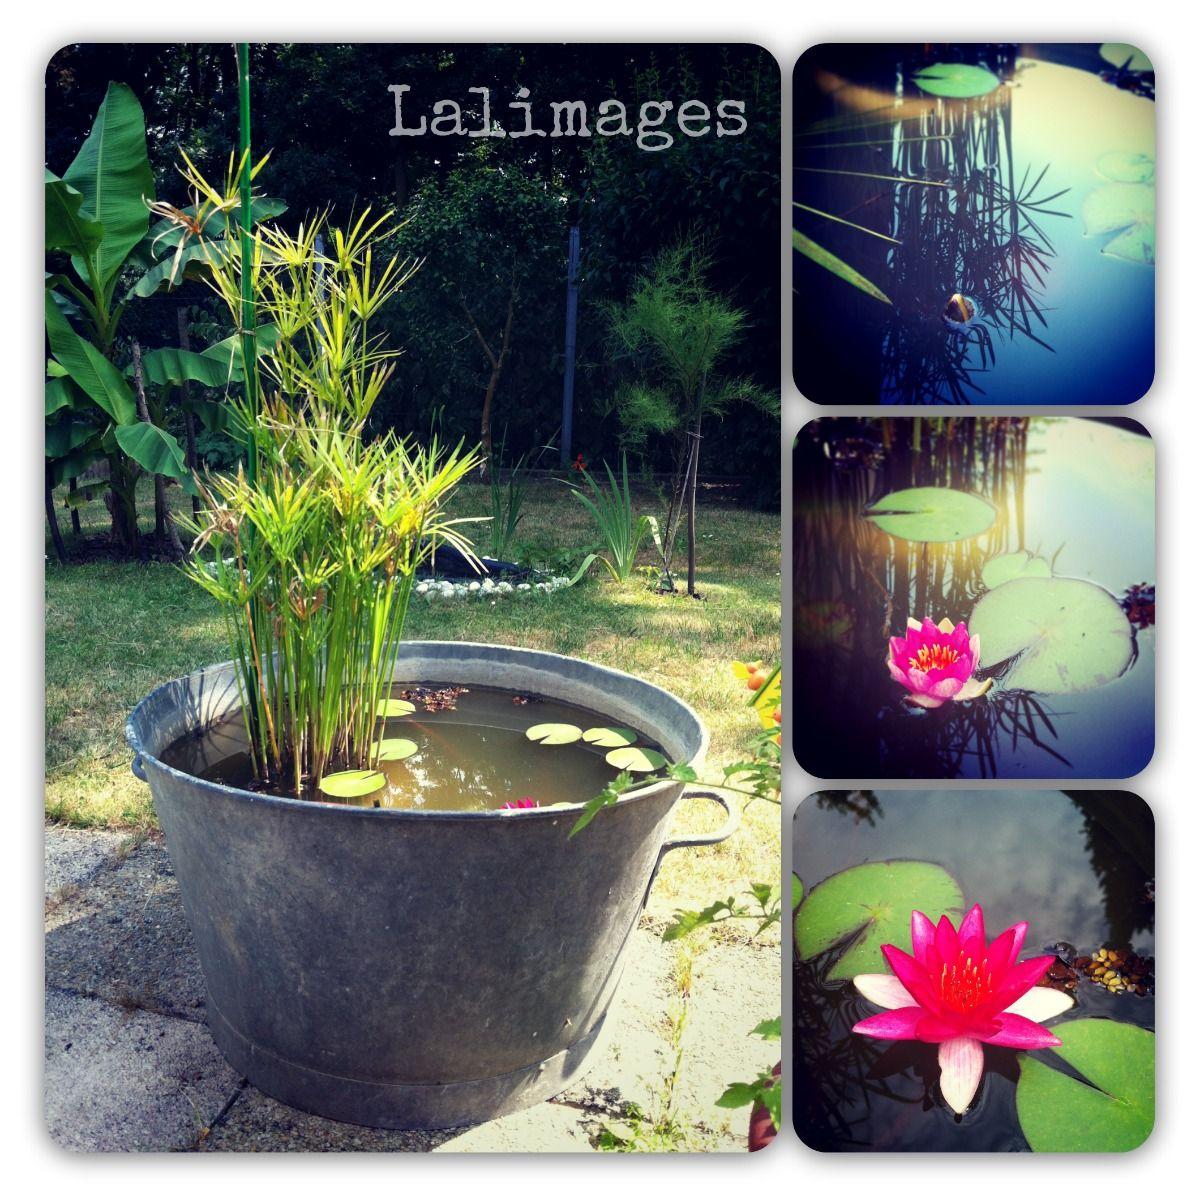 Le Blog De Lali: Ma Pause Et ... Diy, Un Bassin De Jardin ... intérieur Accessoires Pour Bassin De Jardin